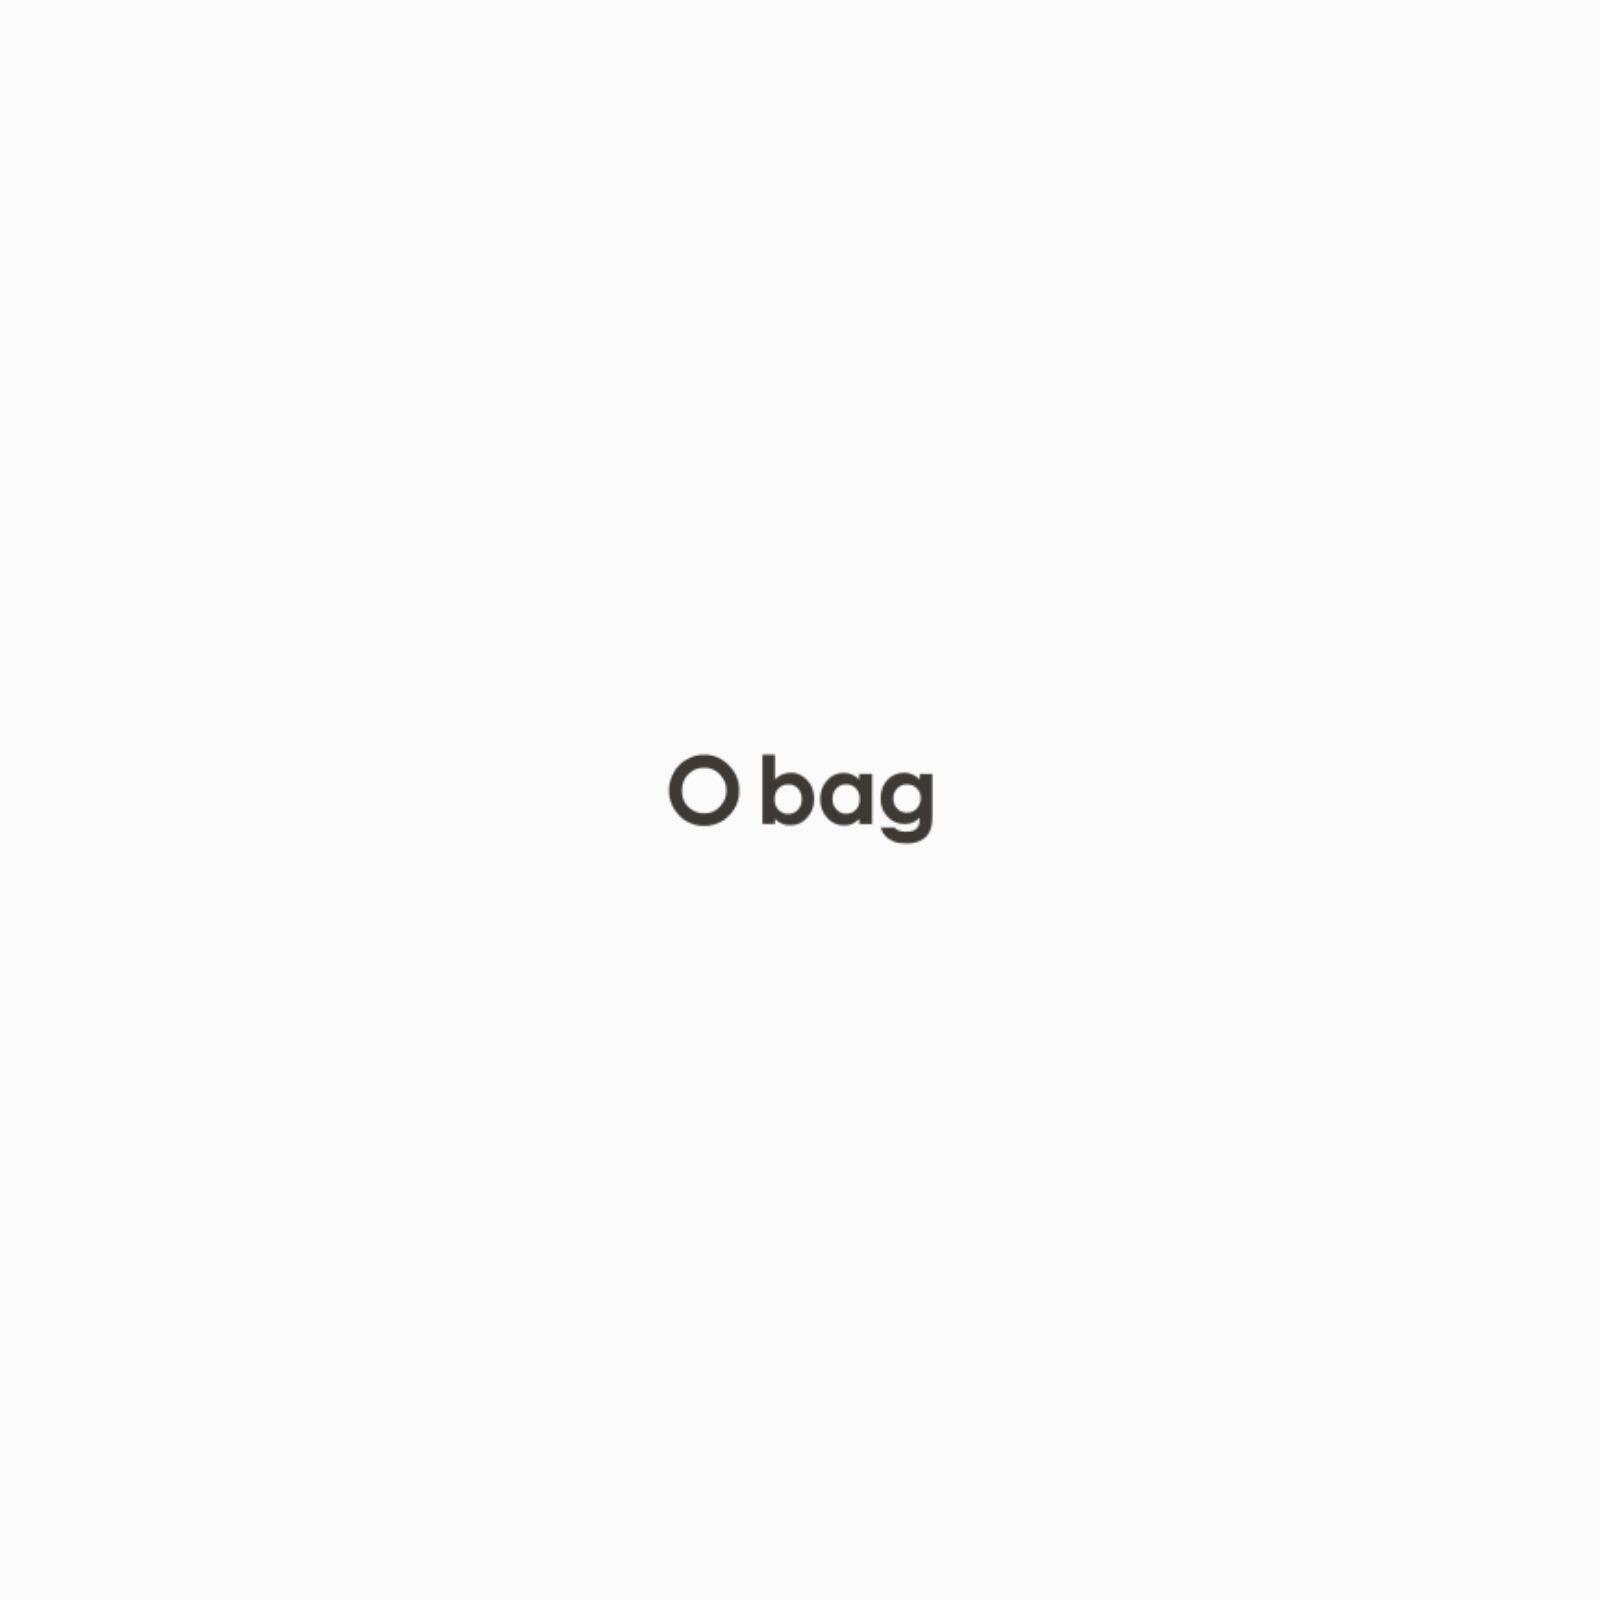 5d4bbf8b901 O bag bolsa interior knot de rayas